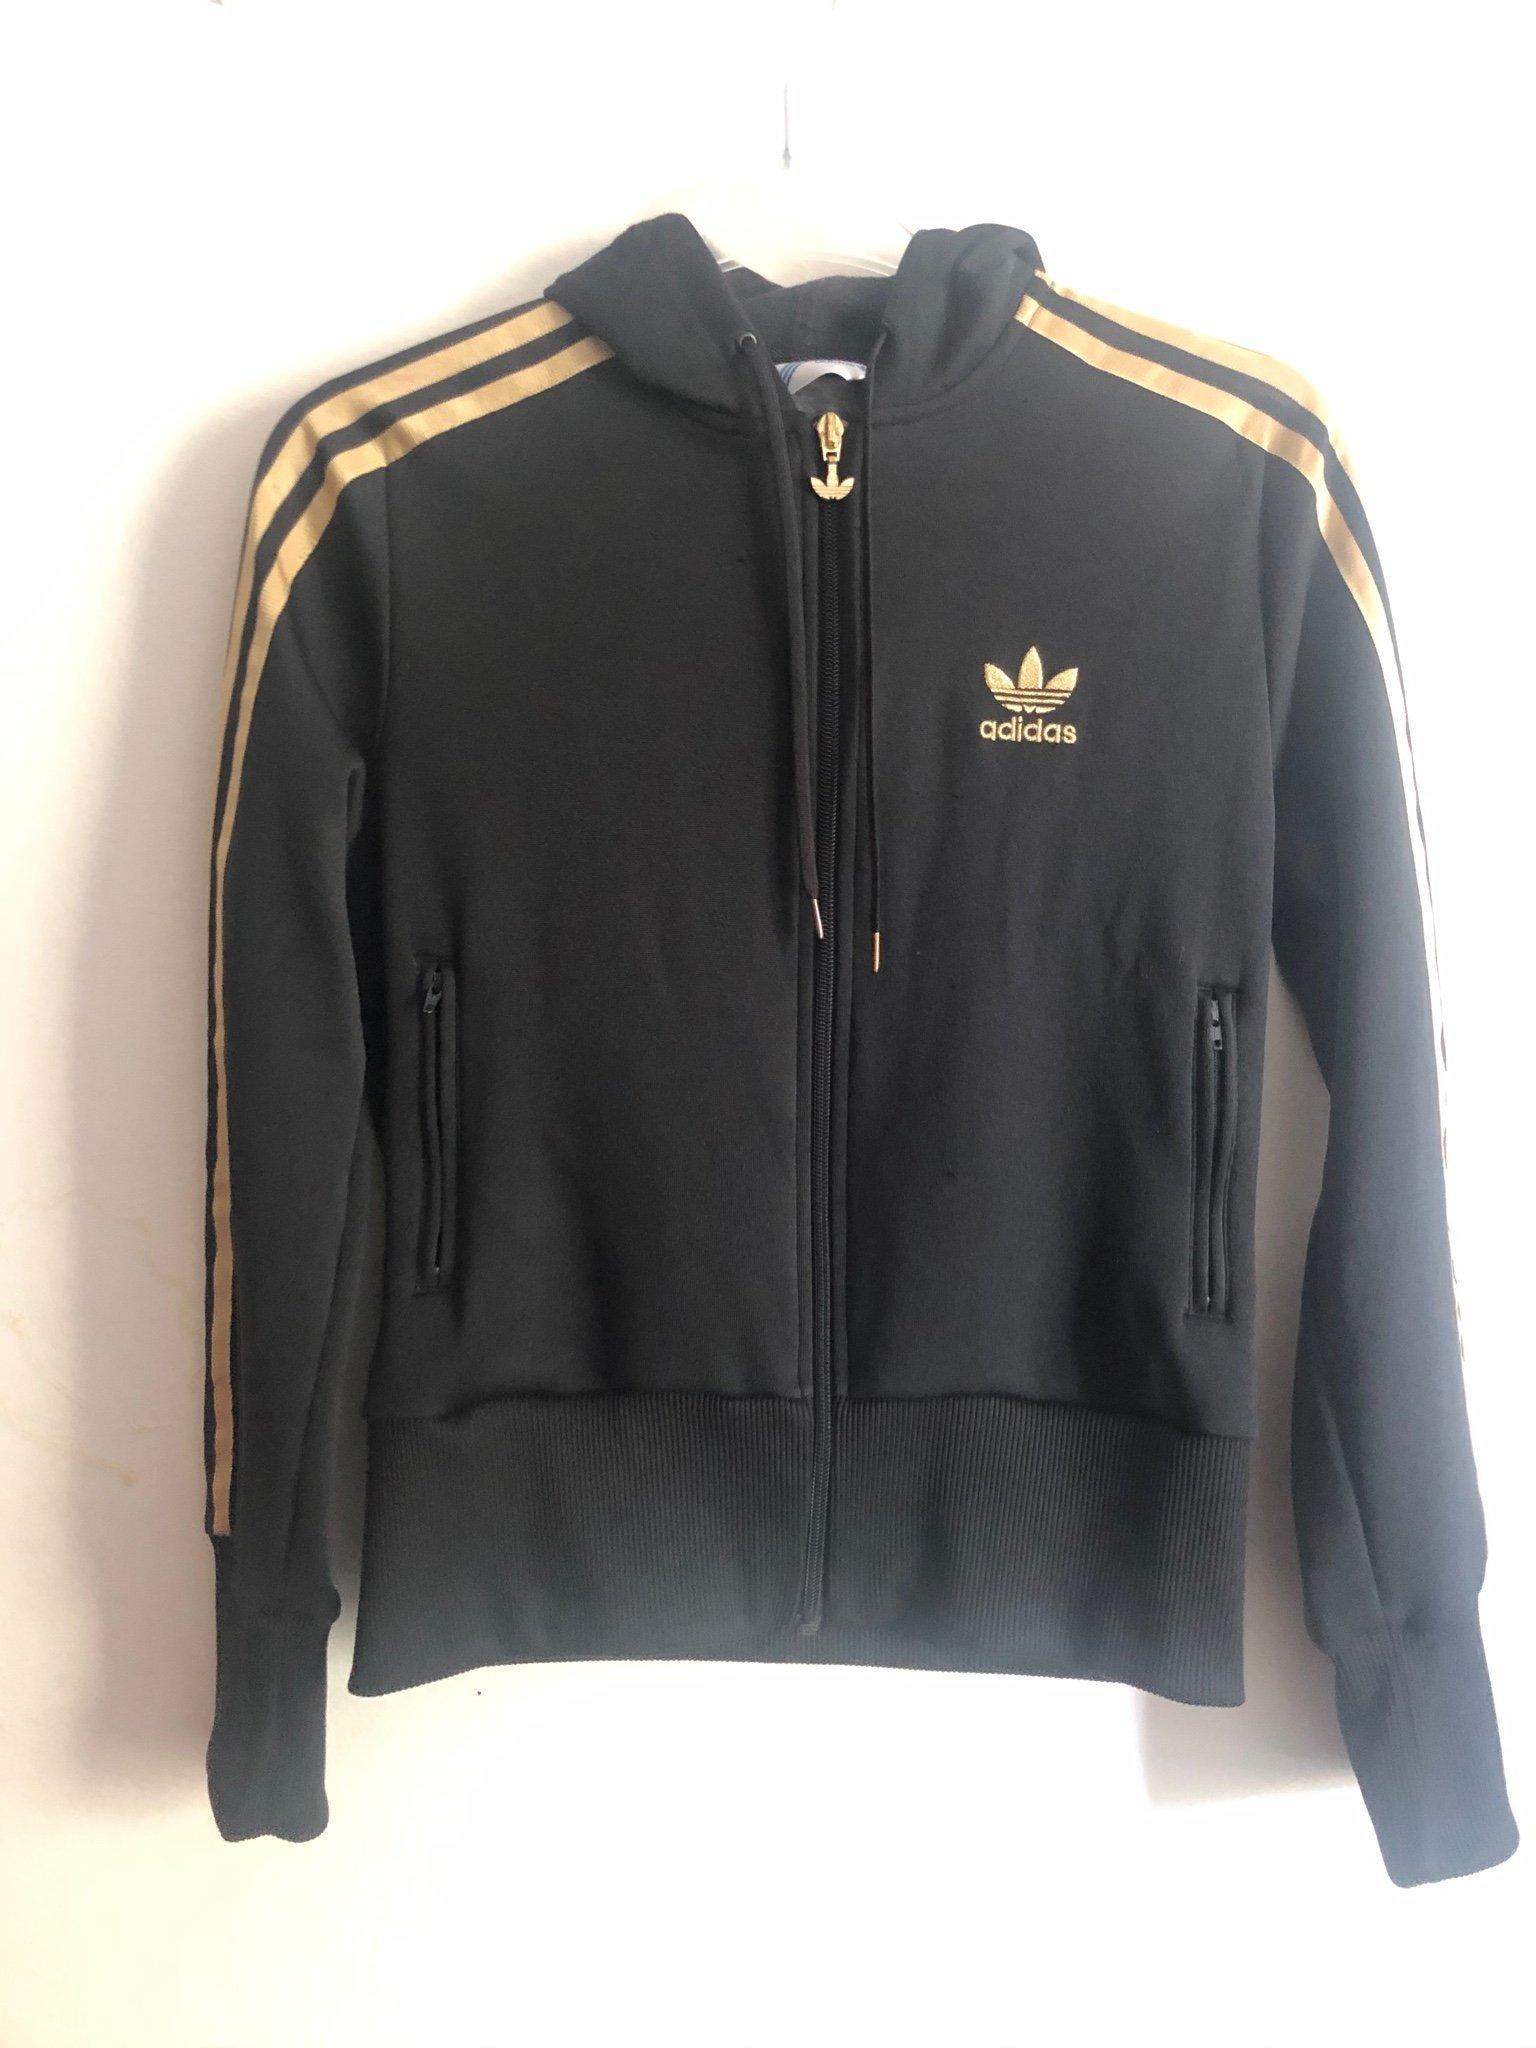 Vintage Adidas jacka svart med gulddetaljer strl 40 (38)